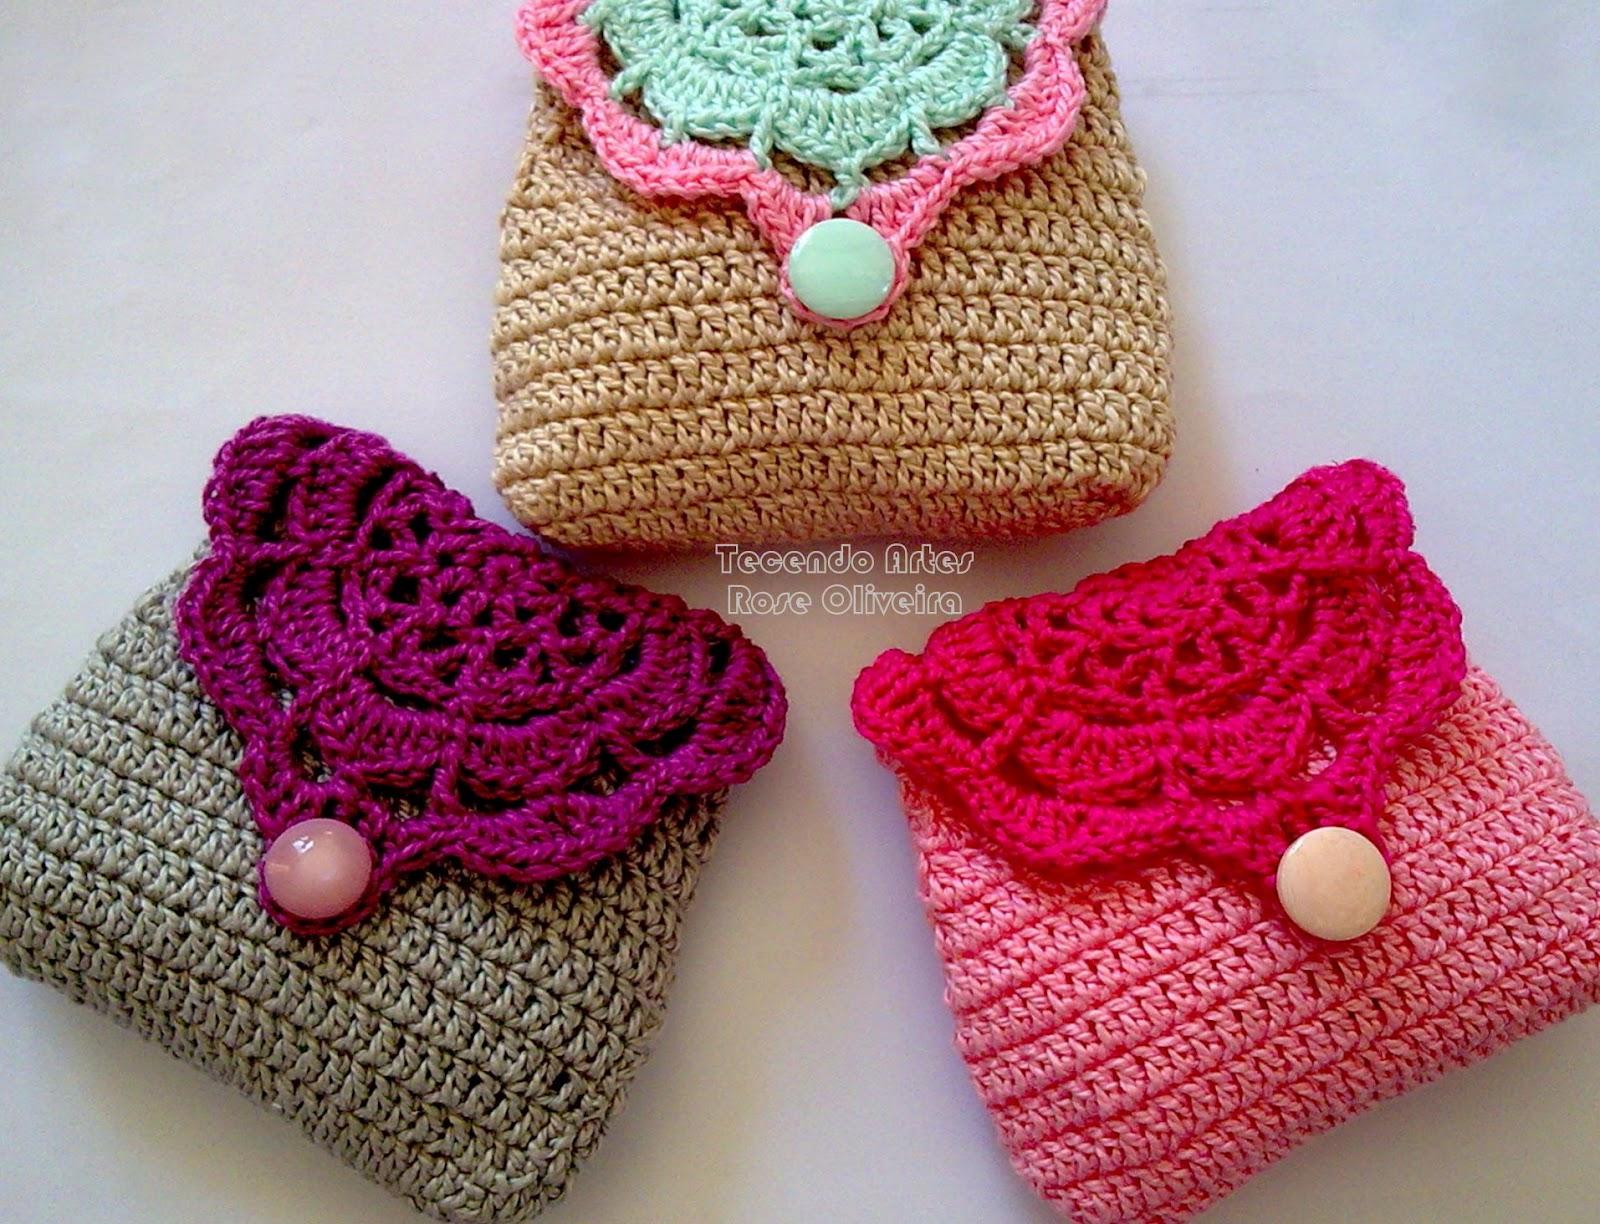 Free Crochet Patterns For Small Bags : Tecendo Artes em Crochet: Porta Moedas RetrO Coloridas ...